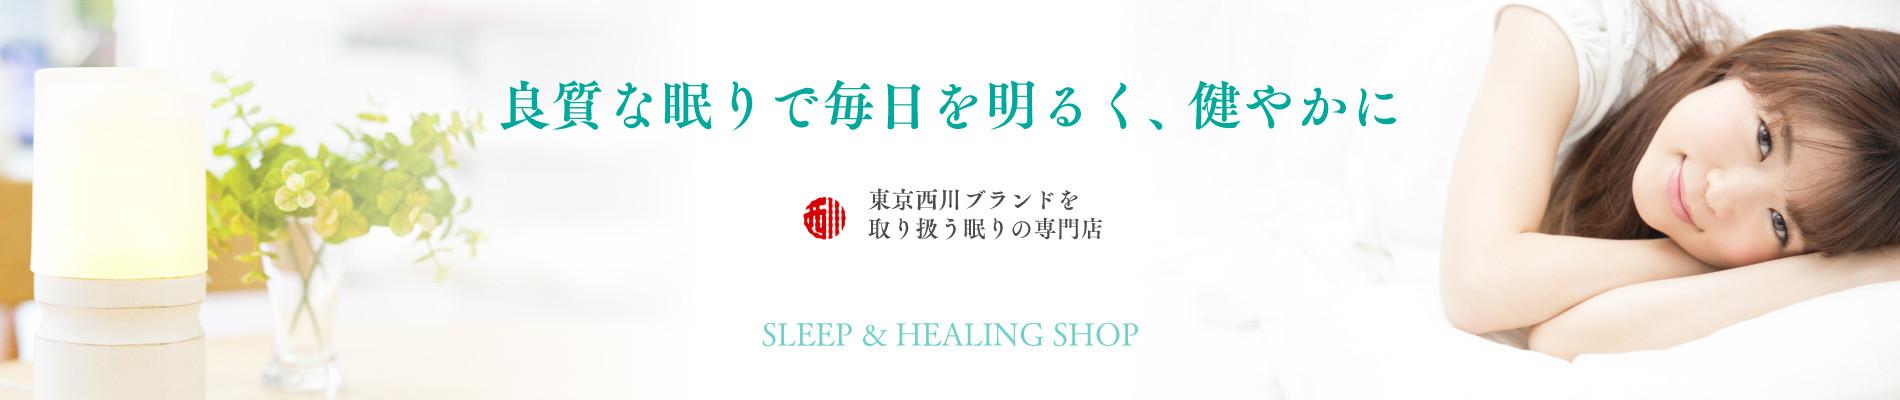 東京西川ブランドを取り扱う眠りの専門店 燕市わたきゅう